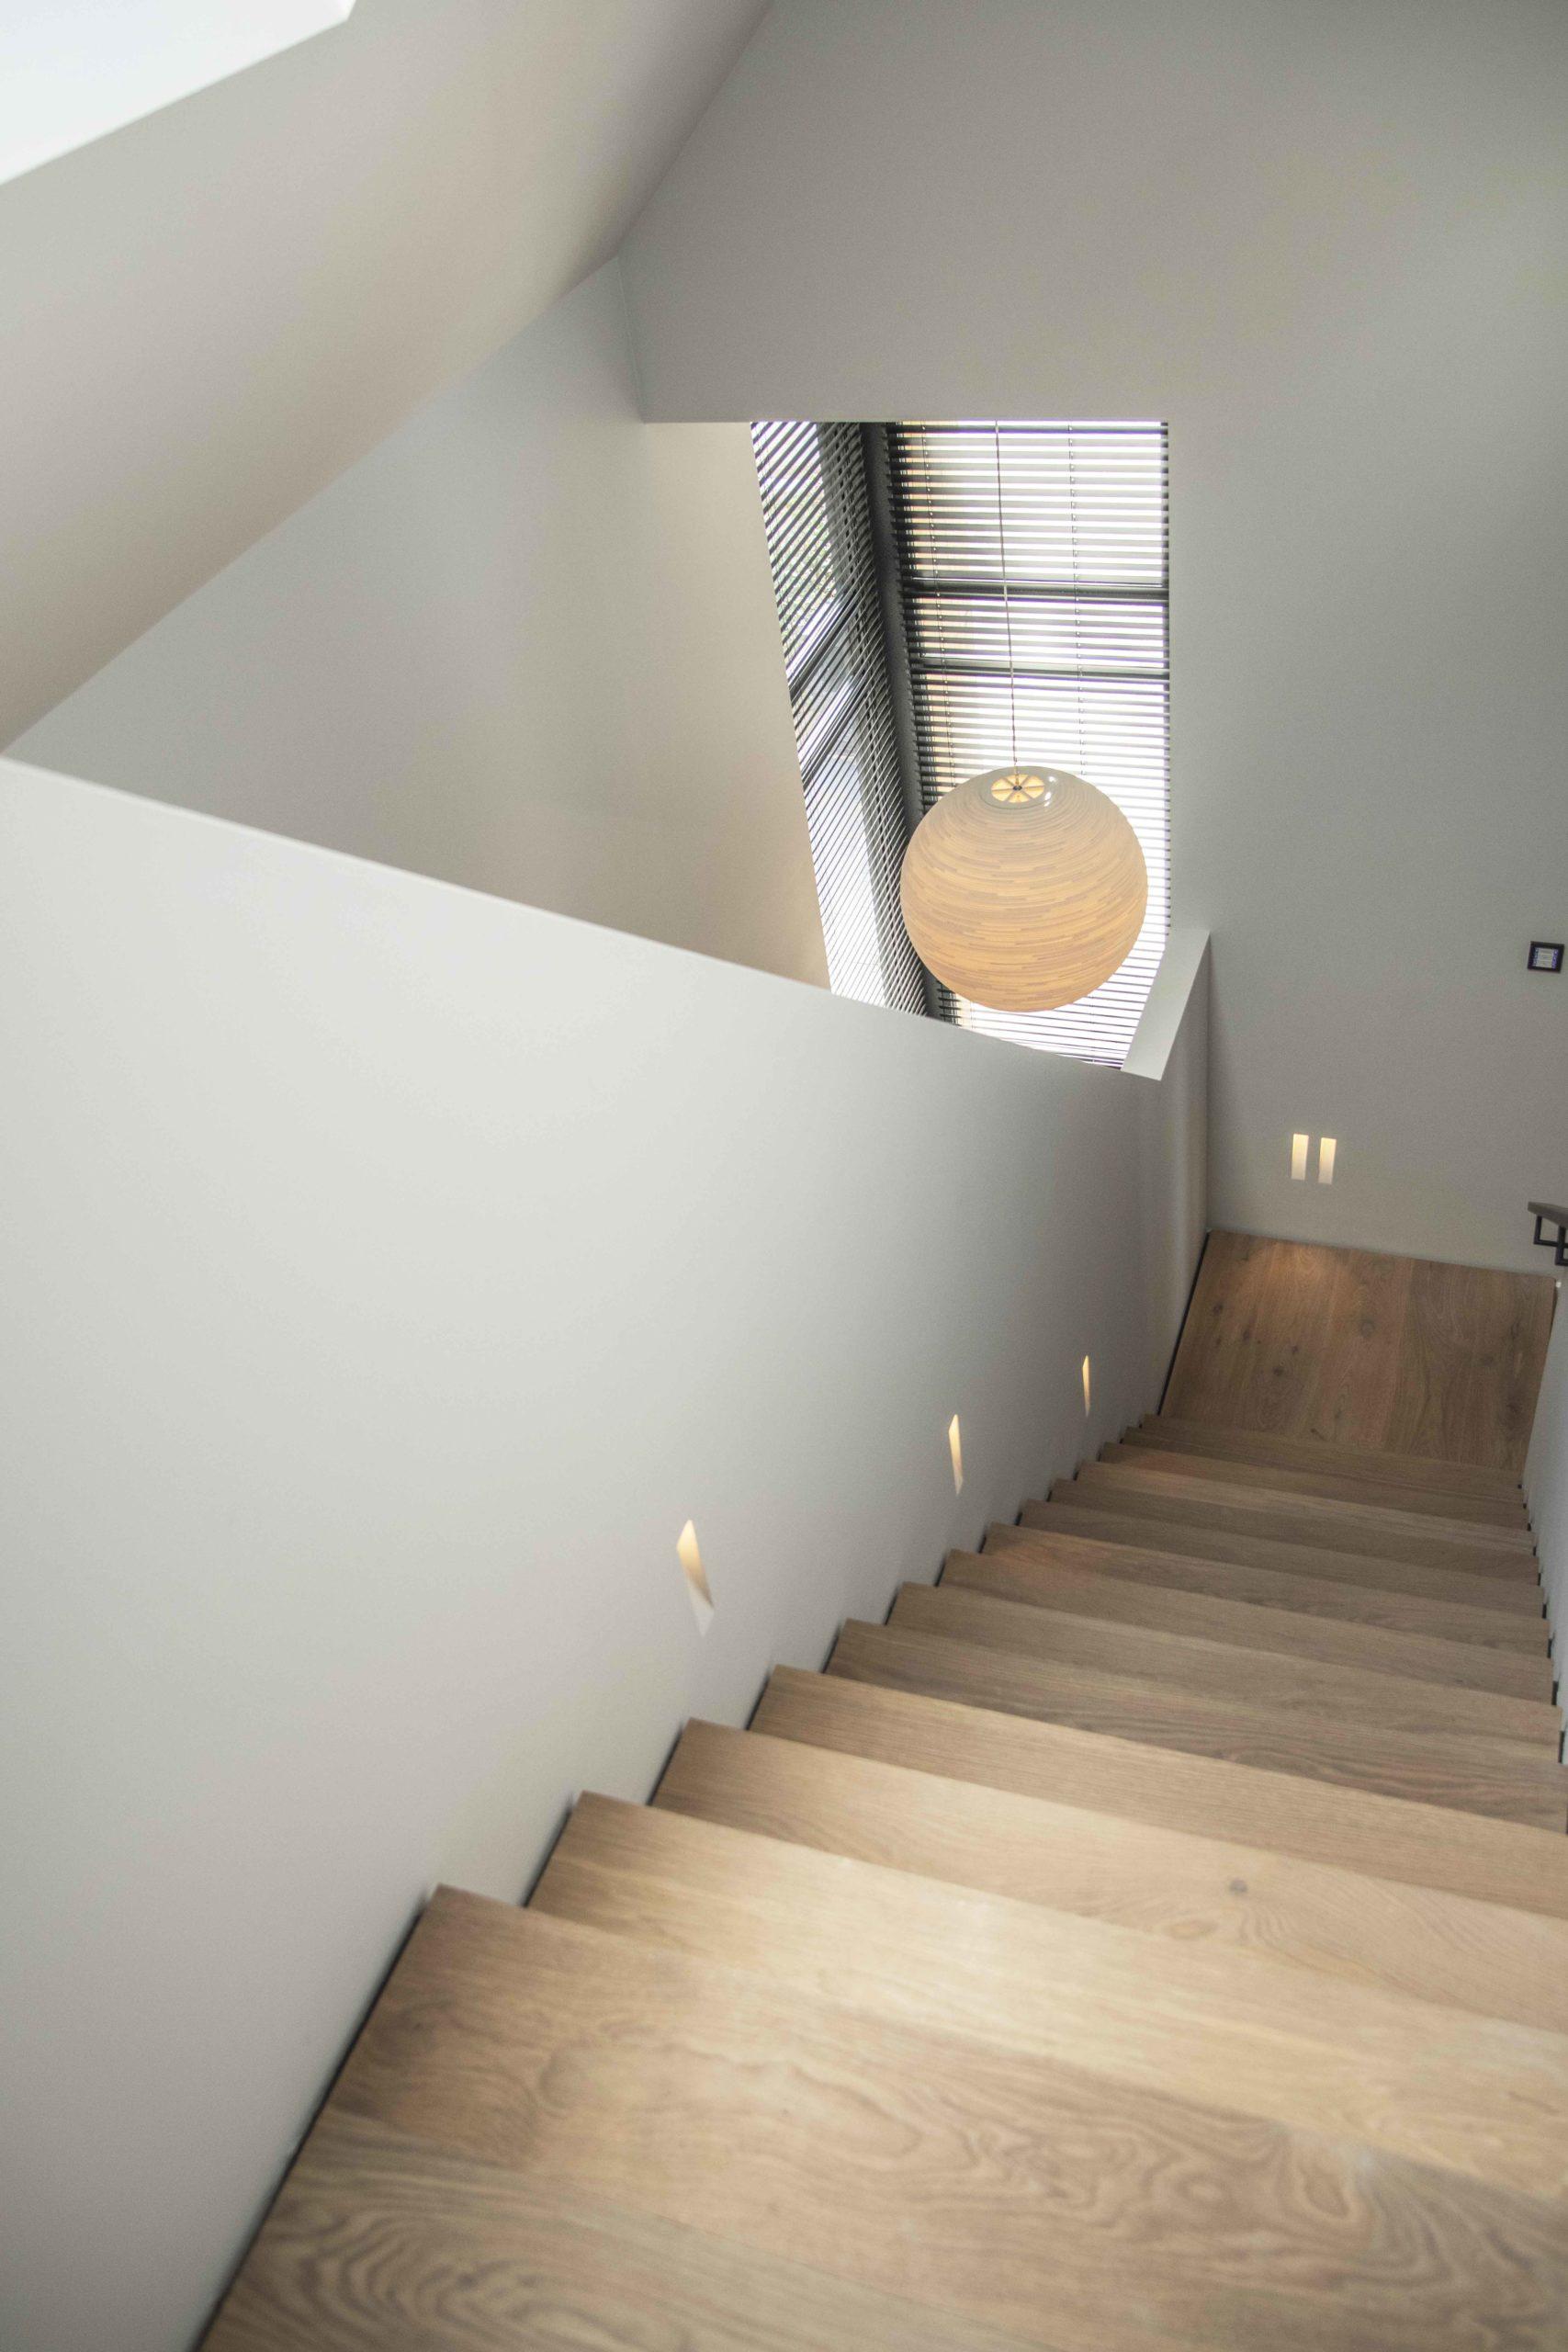 Nieuwbouw woonhuis interieurontwerp